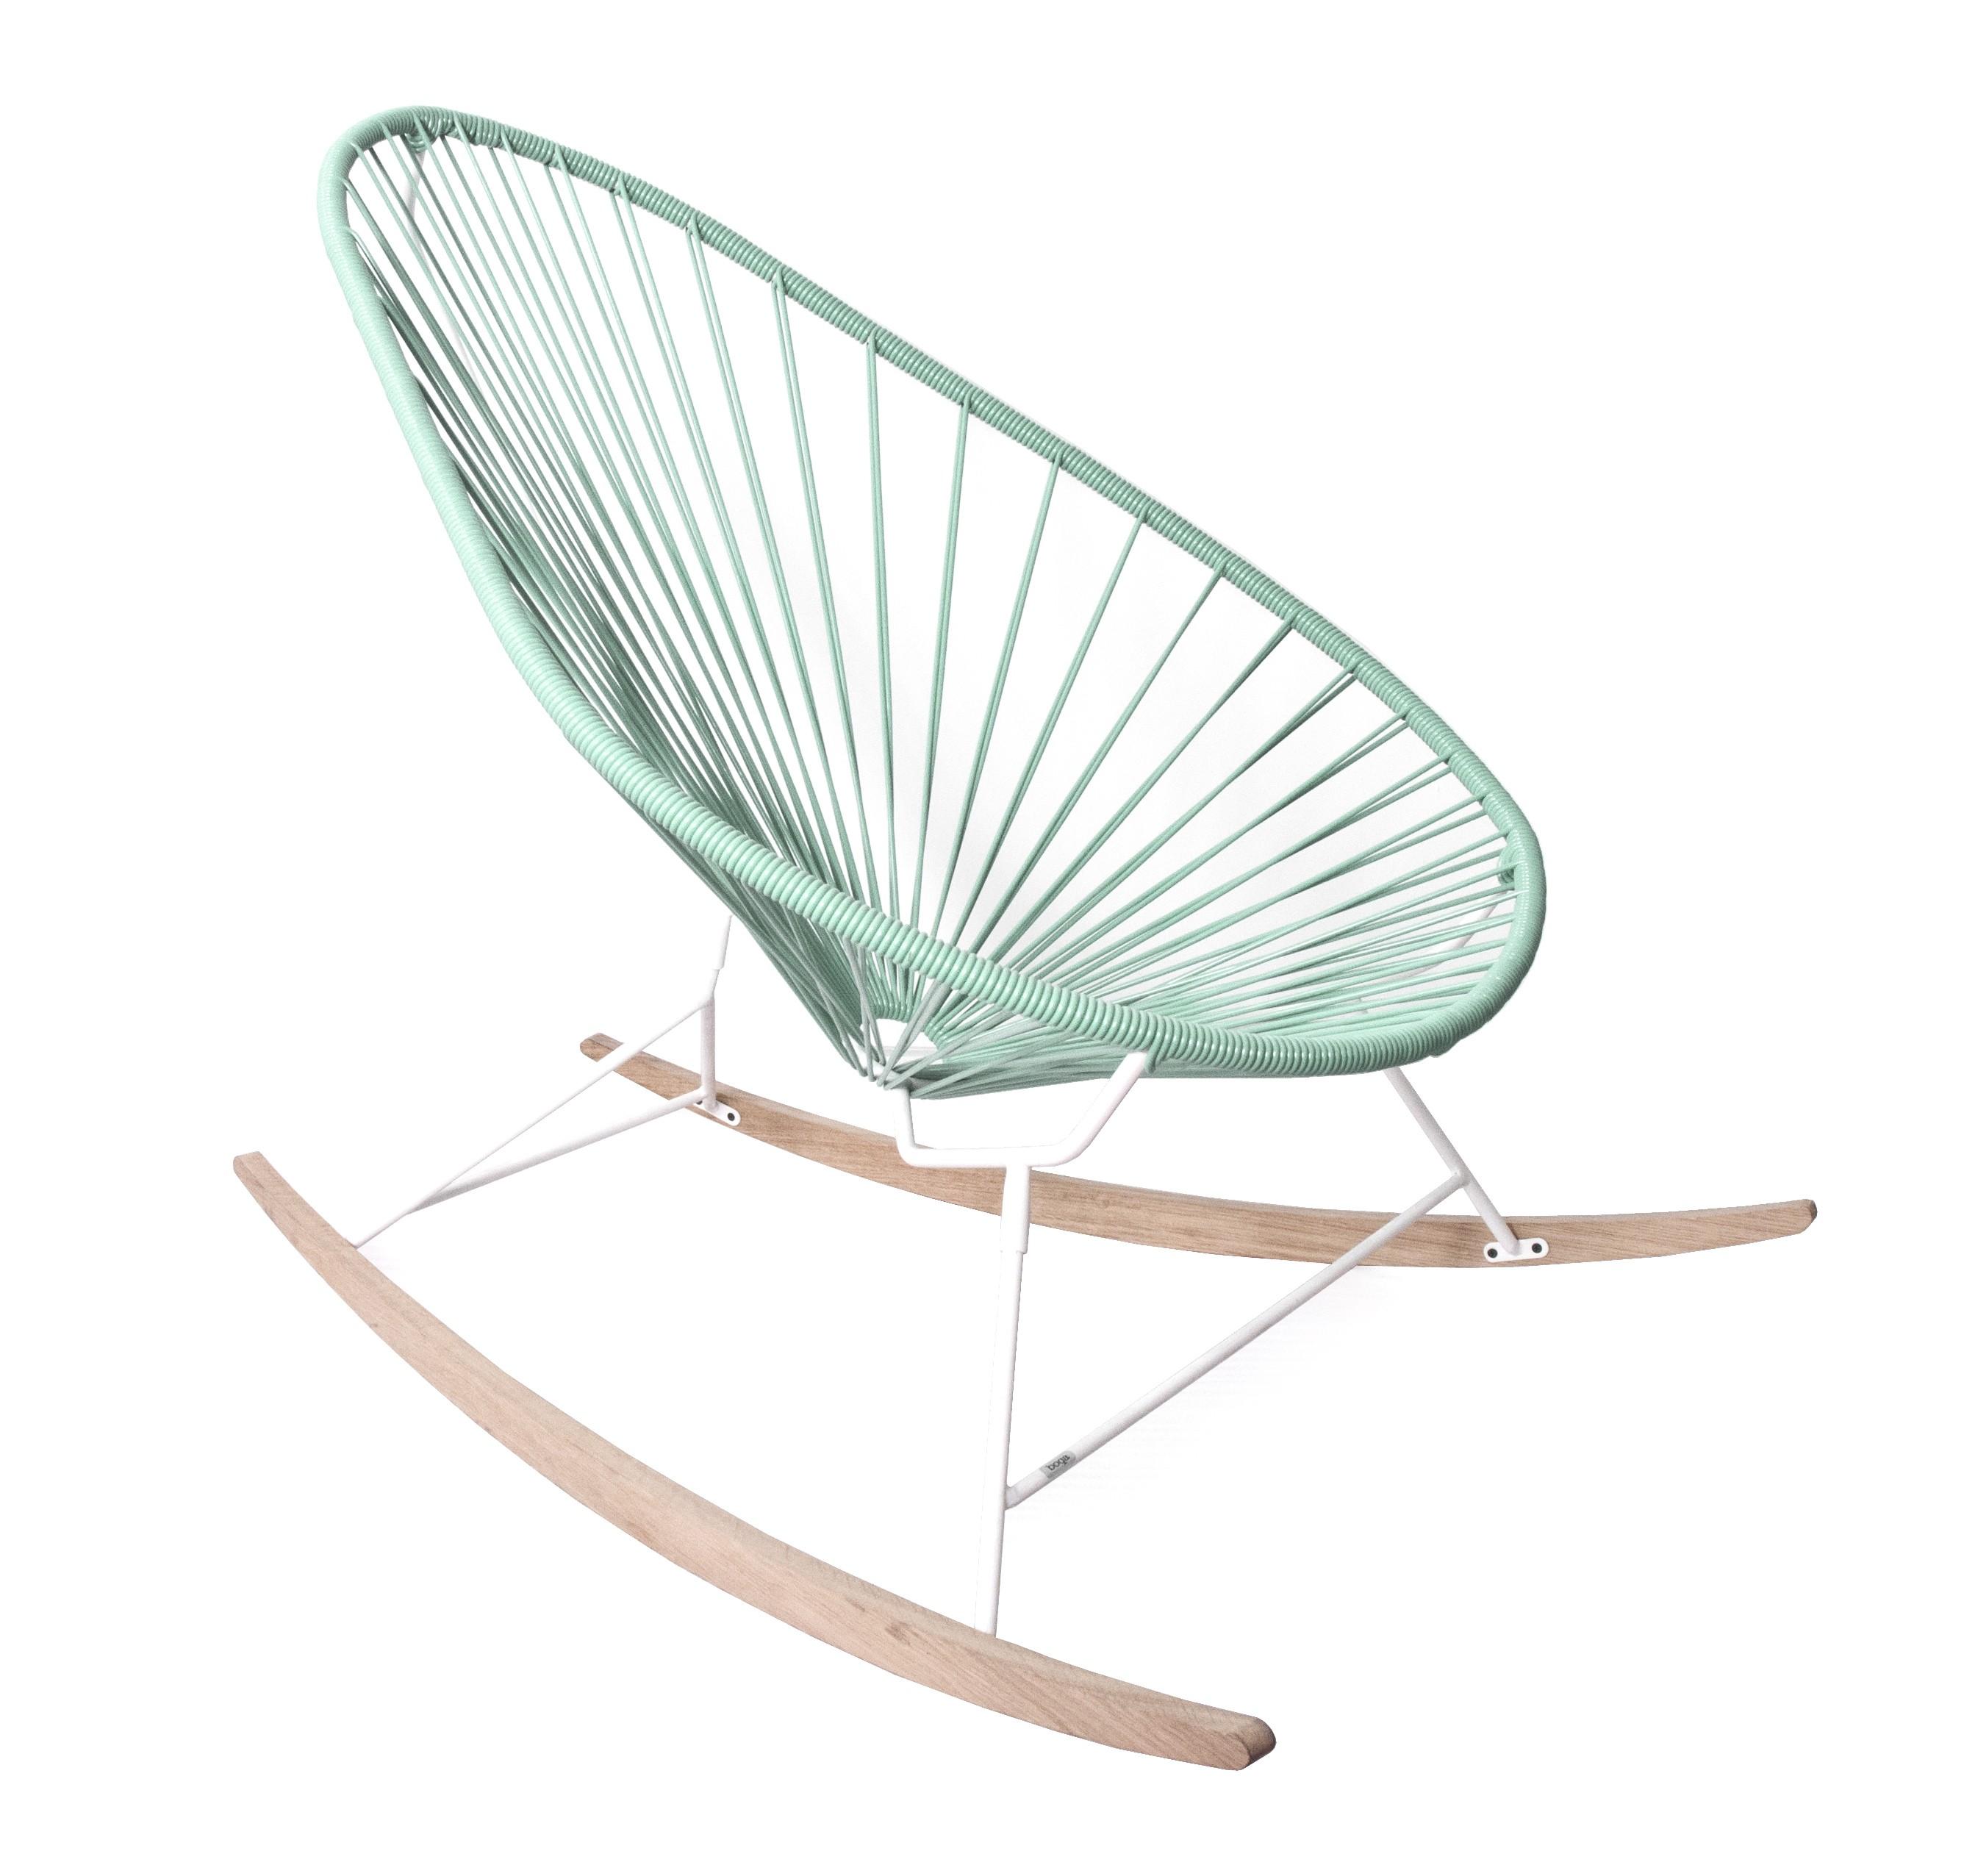 fauteuil bascule acapulco de boqa avec ski bois. Black Bedroom Furniture Sets. Home Design Ideas